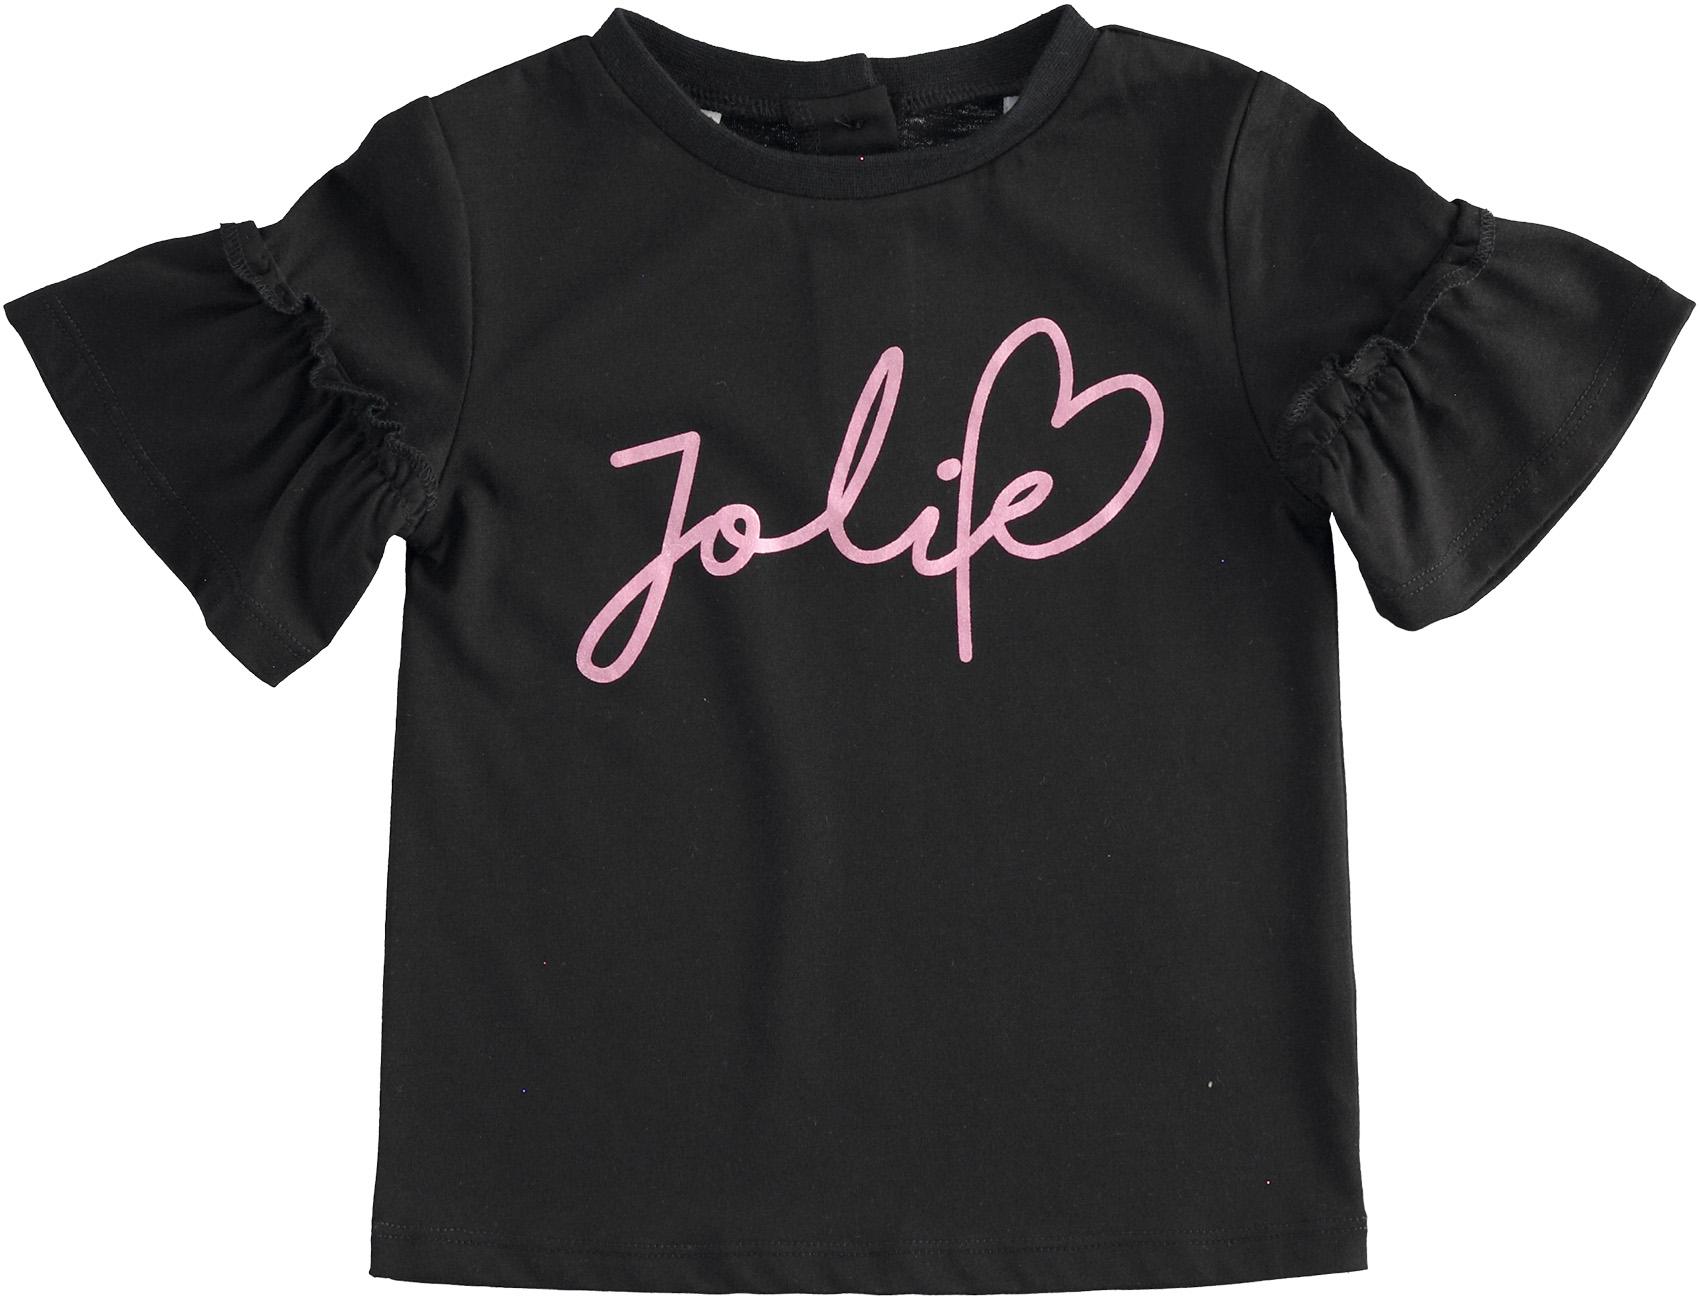 Fekete póló rózsaszín felirattal kislányoknak